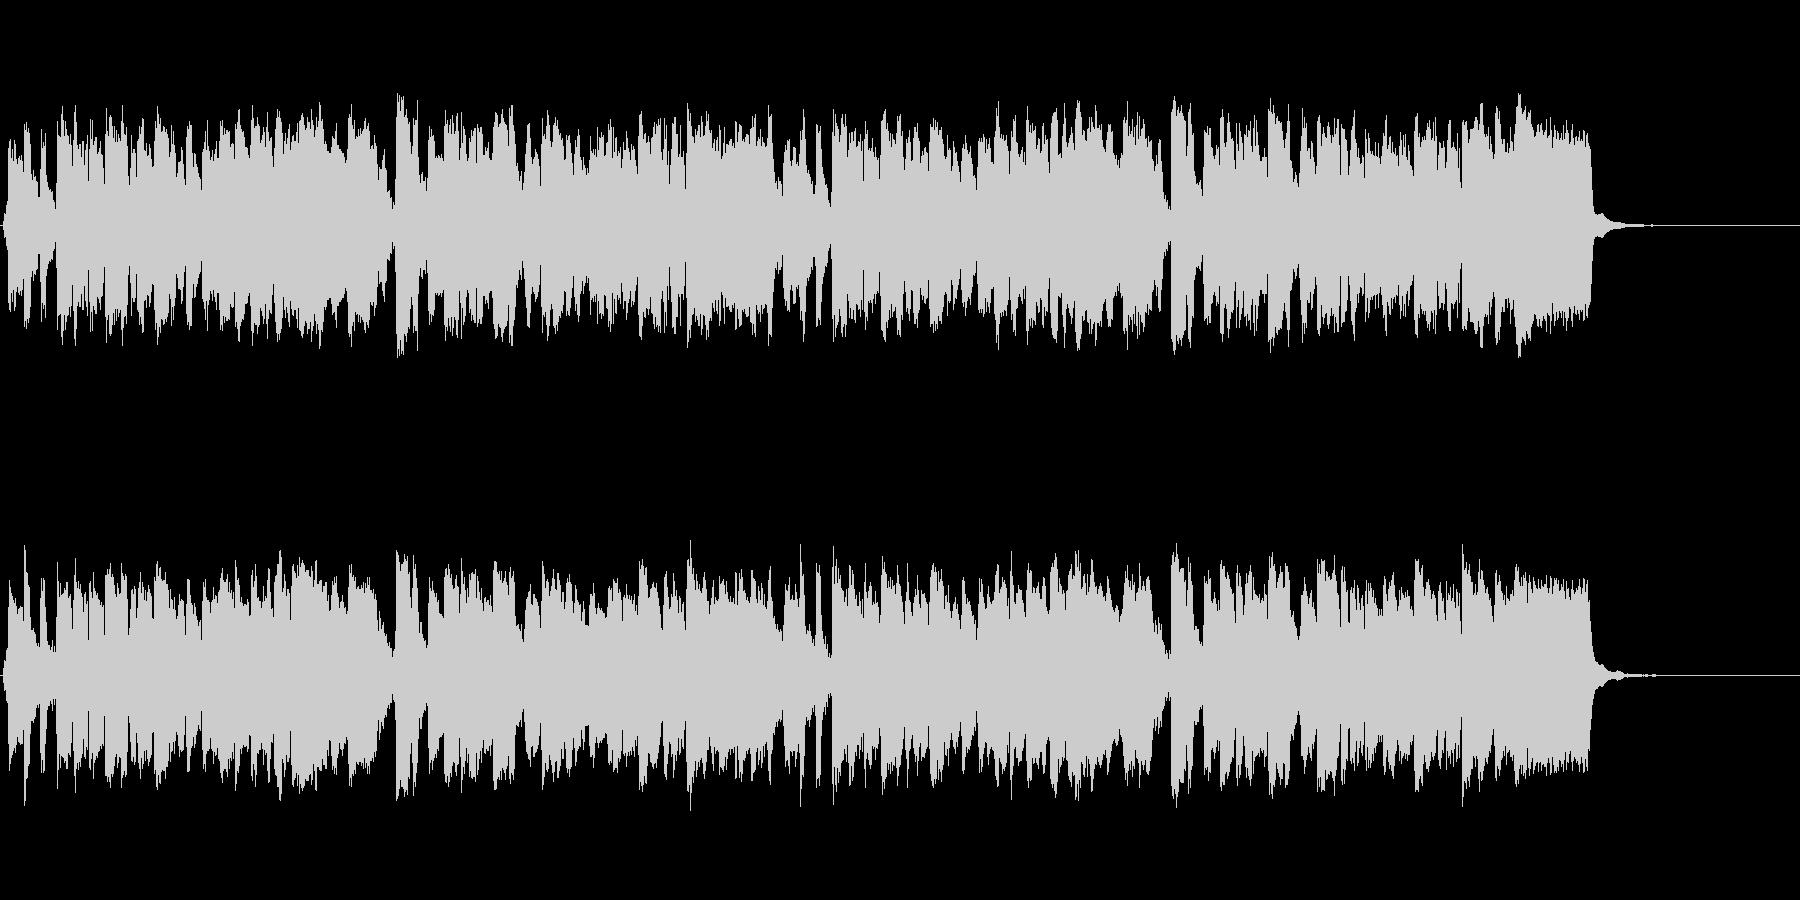 メランコリックなリコーダーワルツの未再生の波形